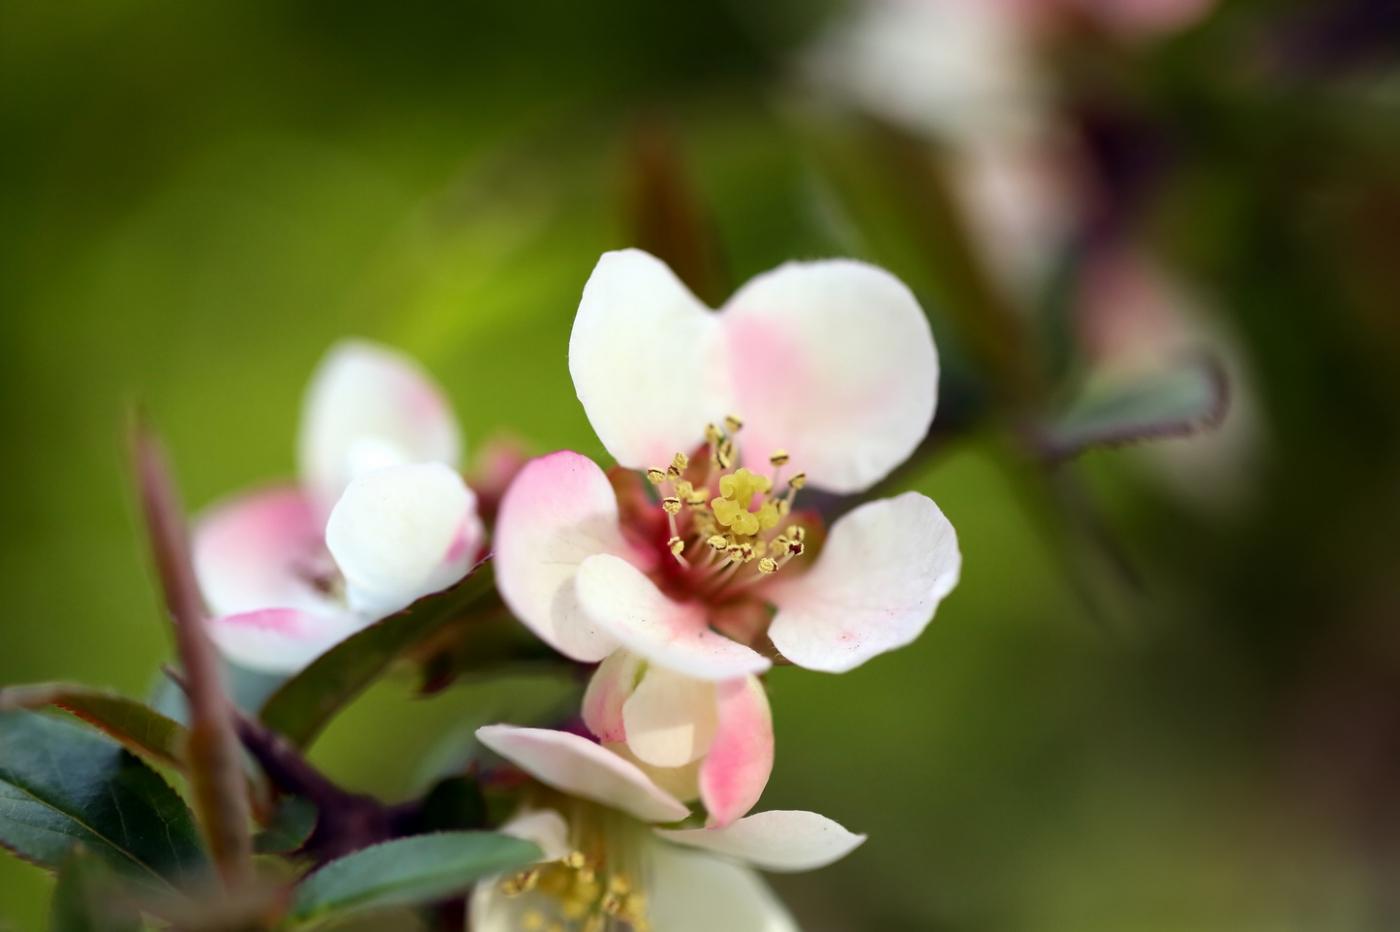 感受春天的节奏_图1-3